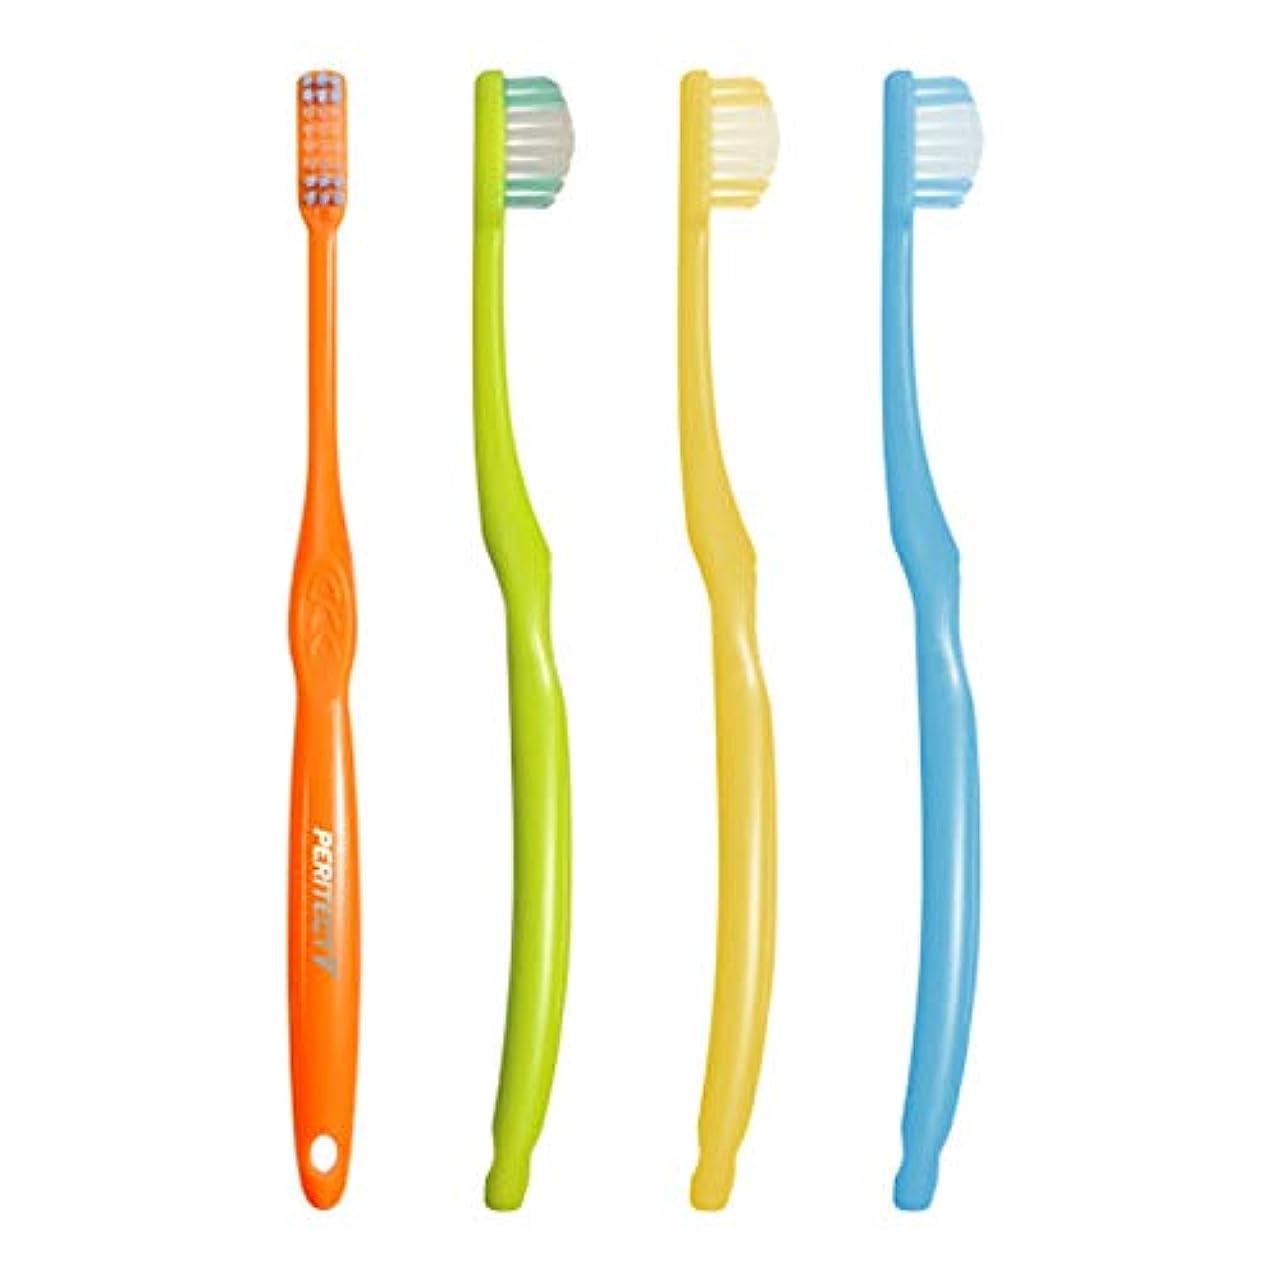 サミット圧力負ビーブランド PERITECT V ペリテクト ブイ 歯ブラシ (6M やわらかめ) × 5本 歯科専売品